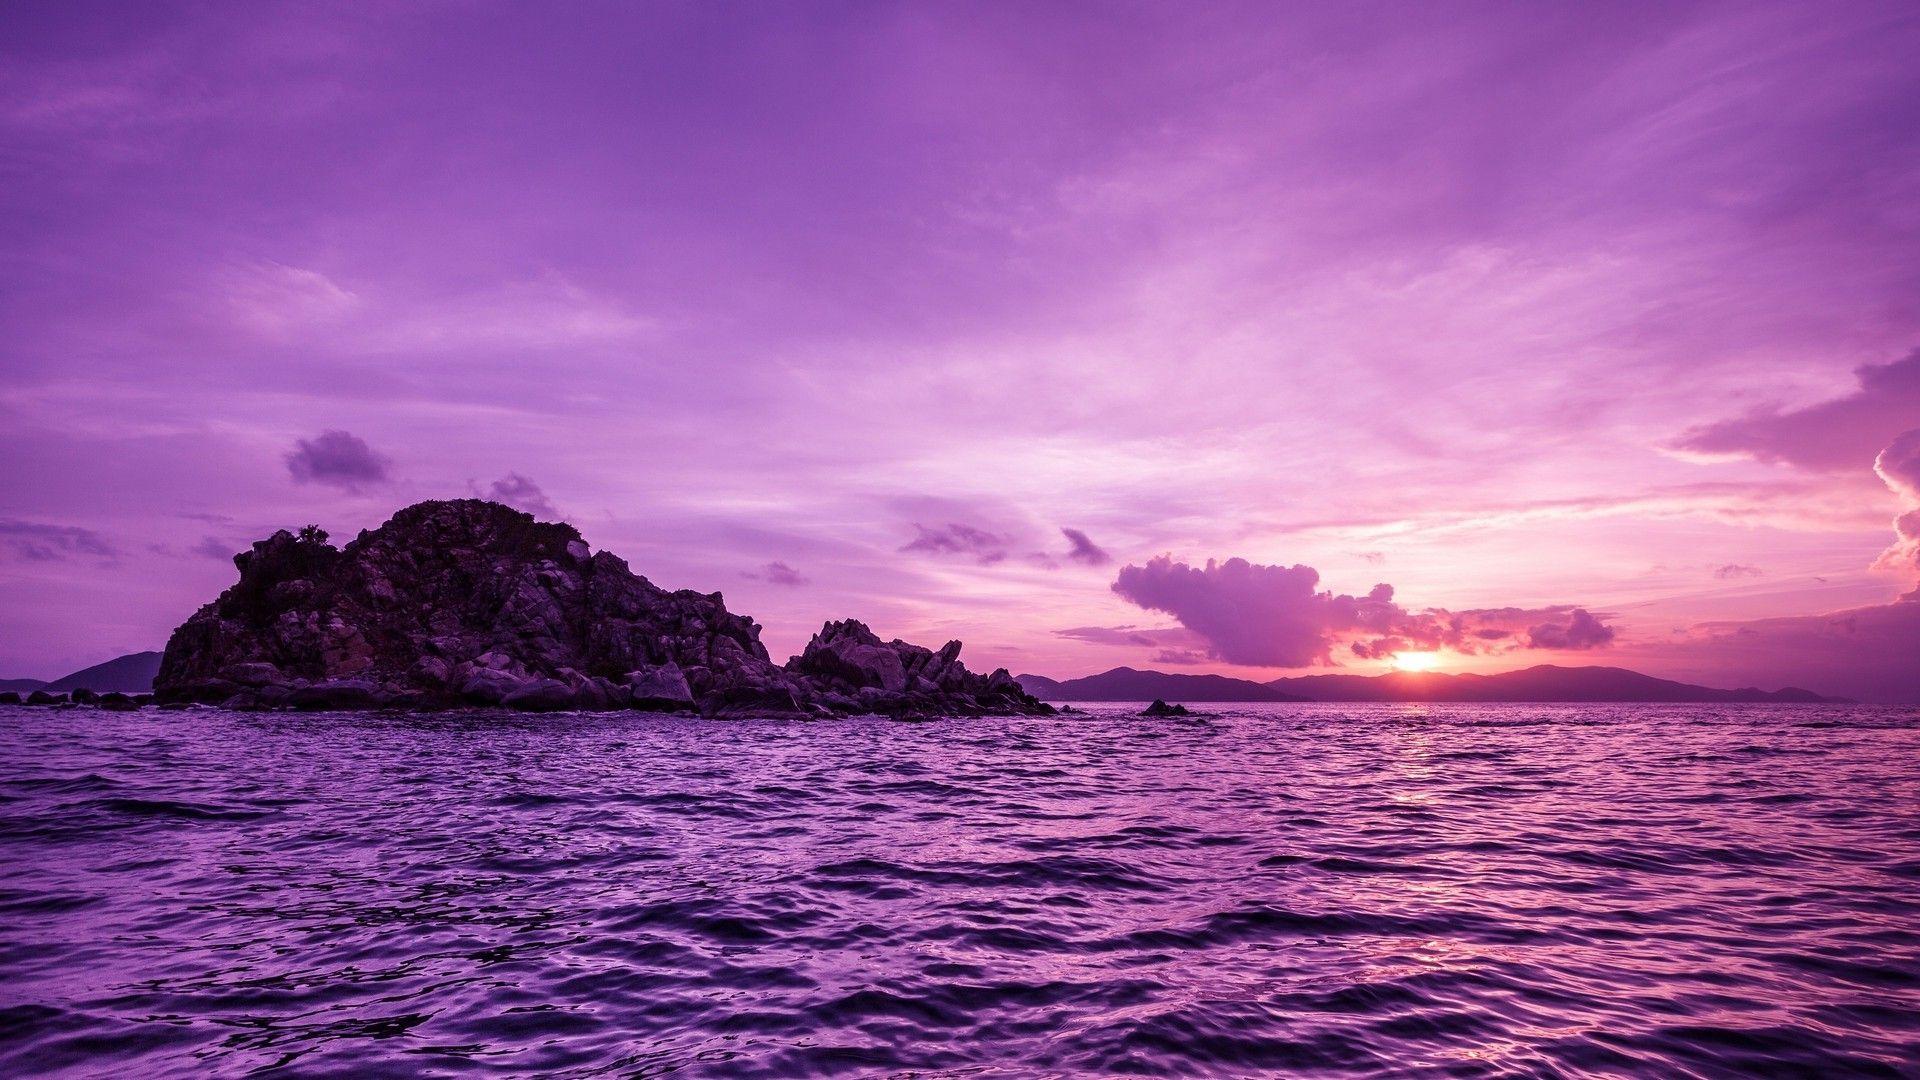 Purple Sea HD desktop wallpaper Fullscreen Mobile Dual Monitor